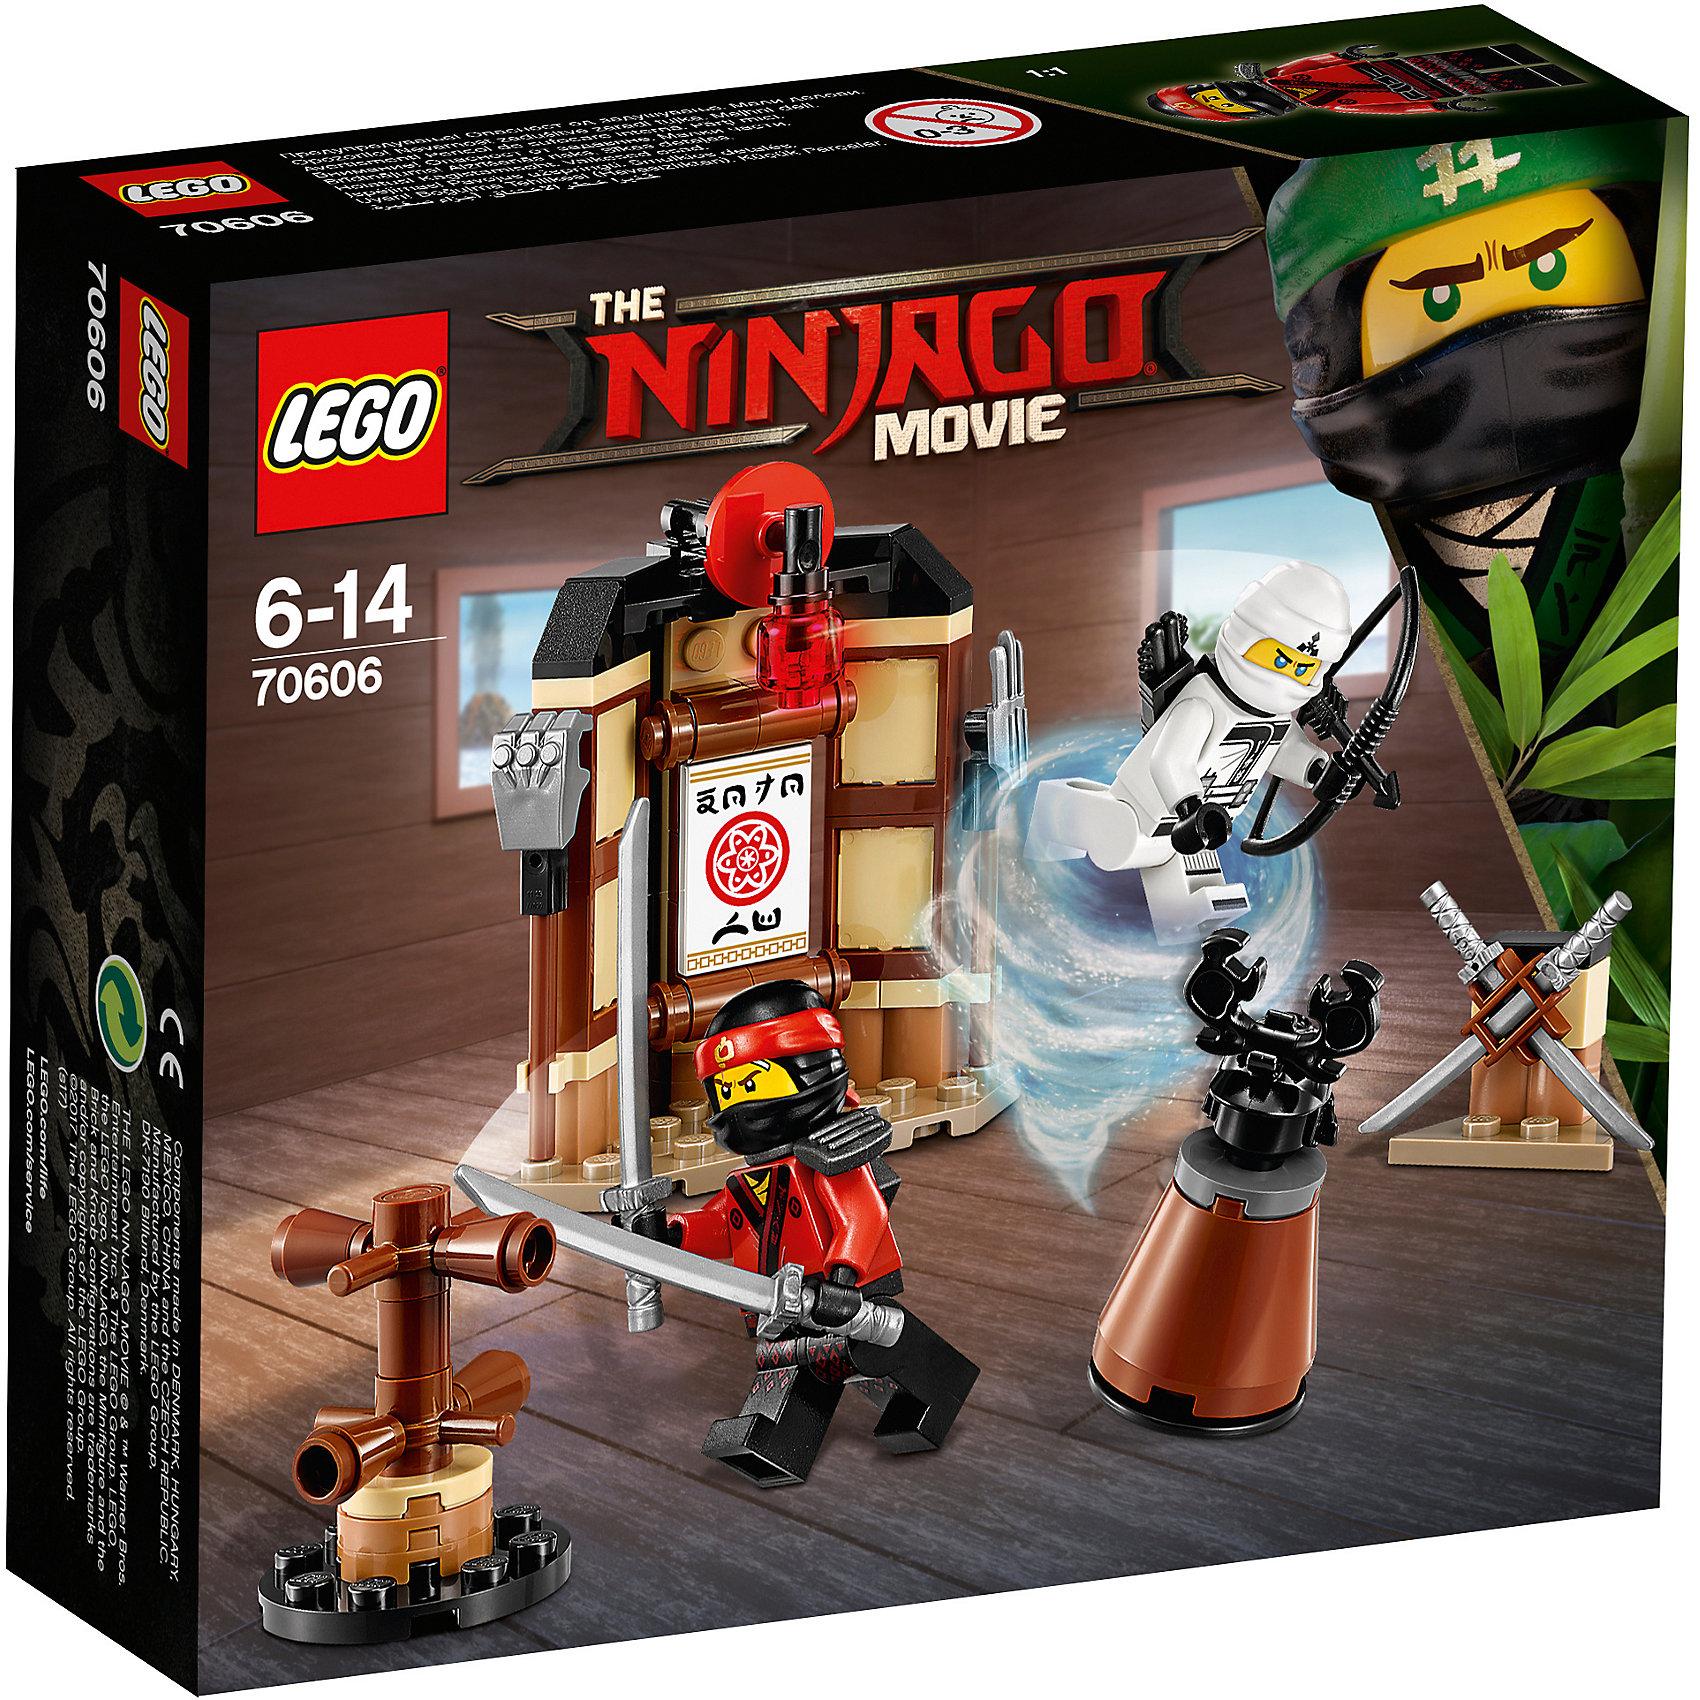 LEGO NINJAGO 70606: Уроки Мастерства КружитцуПластмассовые конструкторы<br>Характеристики товара: <br><br>• возраст: от 6 лет;<br>• материал: пластик;<br>• в комплекте: 109 деталей, 2 минифигурки;<br>• размер упаковки: 15,7х14,1х4,5 см;<br>• вес упаковки: 110 гр.;<br>• страна производитель: Чехия.<br><br>Конструктор Lego Ninjago «Уроки мастерства Кружитцу» создан по мотивам нового фильма «Лего-фильм: Ниндзяго», где отважным воинам ниндзя противостоит грозный Гармадон. Из деталей собирается тренировочная база ниндзя. На базе есть груша для отработки ударов ногами, манекен для отработки ударов руками, стойка с оружием.<br><br>Конструктор Lego Ninjago «Уроки мастерства Кружитцу» можно приобрести в нашем интернет-магазине.<br><br>Ширина мм: 161<br>Глубина мм: 142<br>Высота мм: 50<br>Вес г: 110<br>Возраст от месяцев: 72<br>Возраст до месяцев: 168<br>Пол: Мужской<br>Возраст: Детский<br>SKU: 5620004